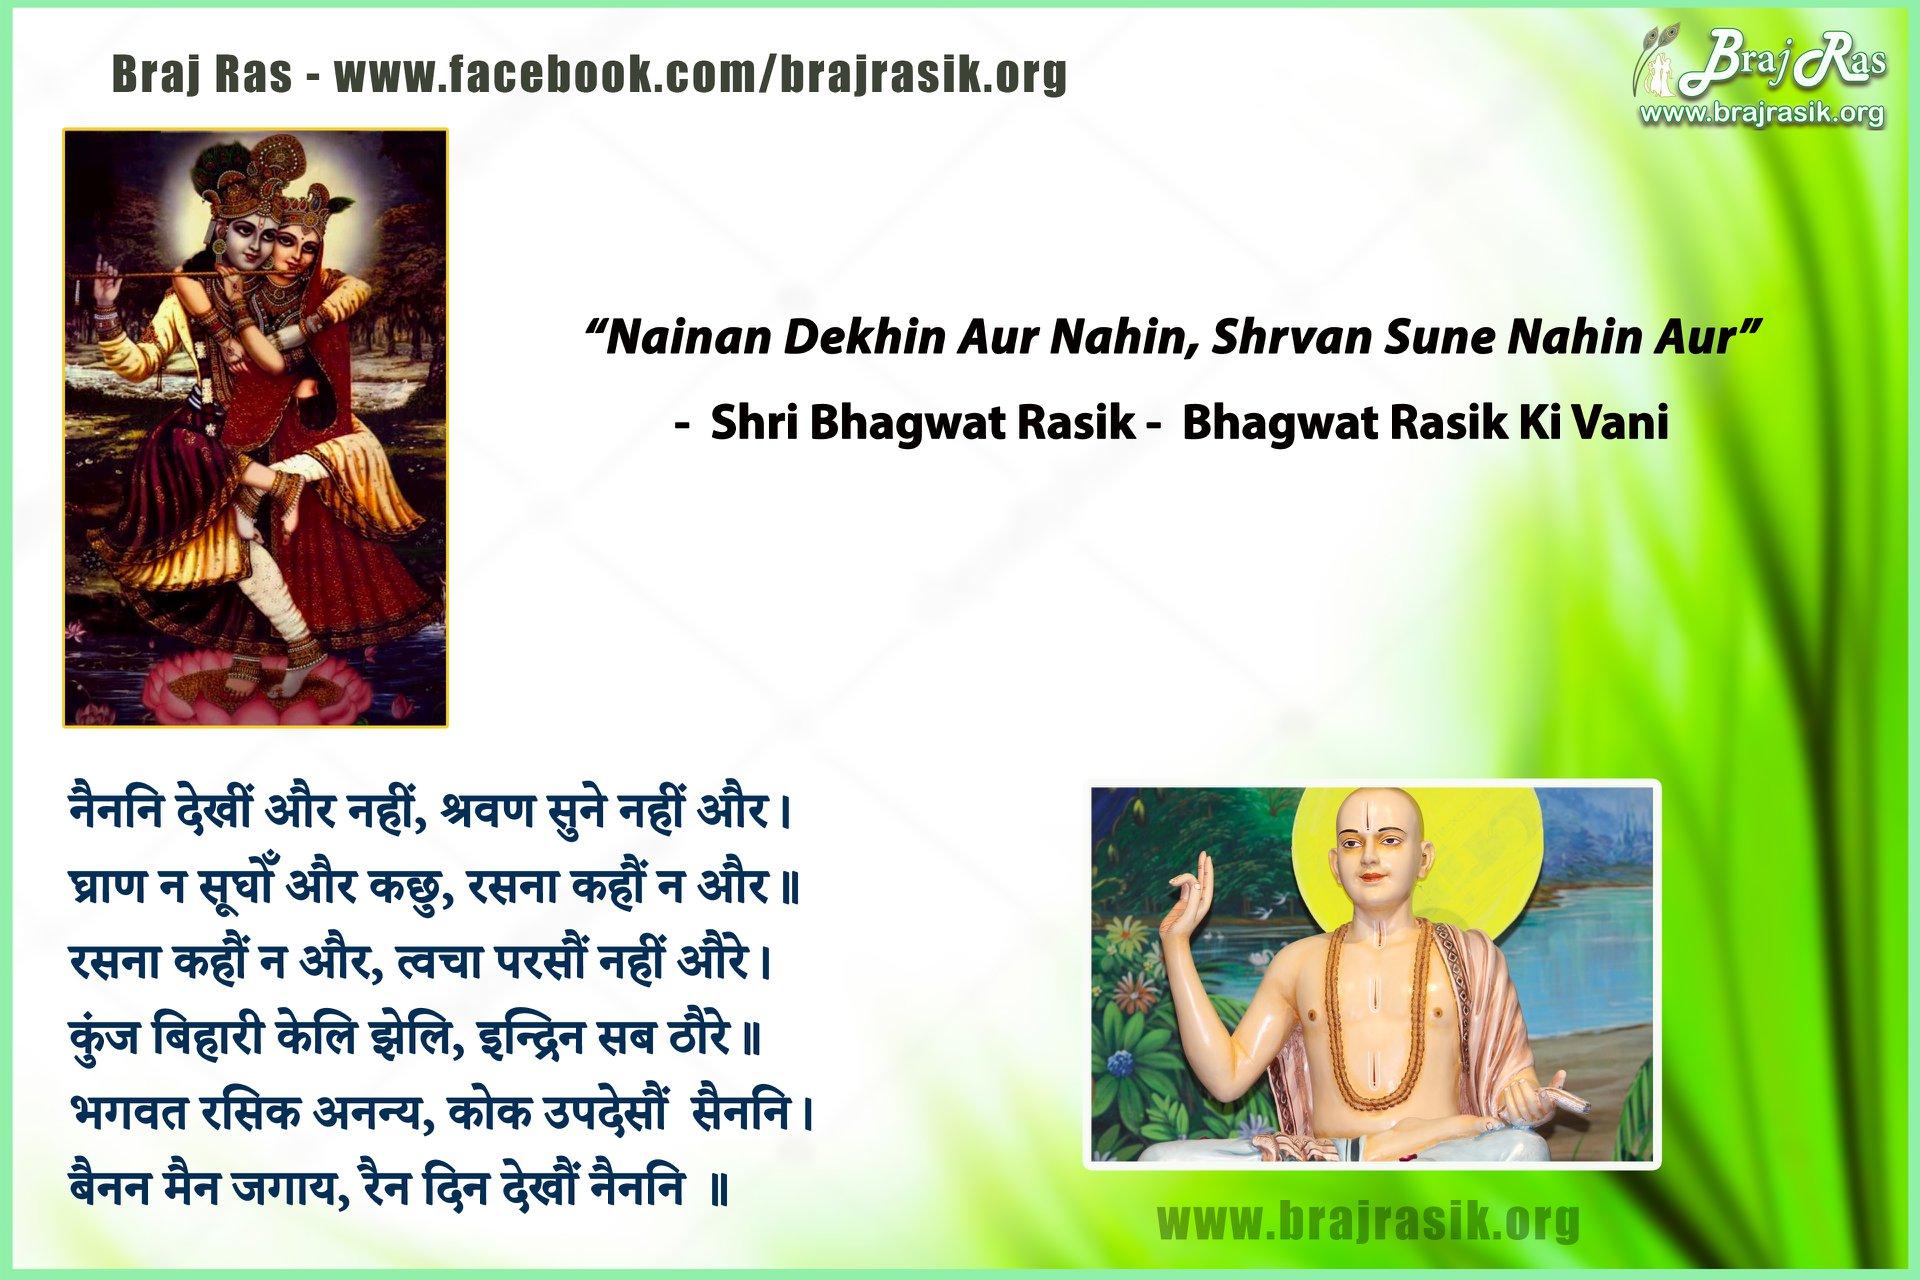 Nainani Dekhein Aur Nahin - Shri Bhagwat, Bhagwat Rasik Ki Vaani